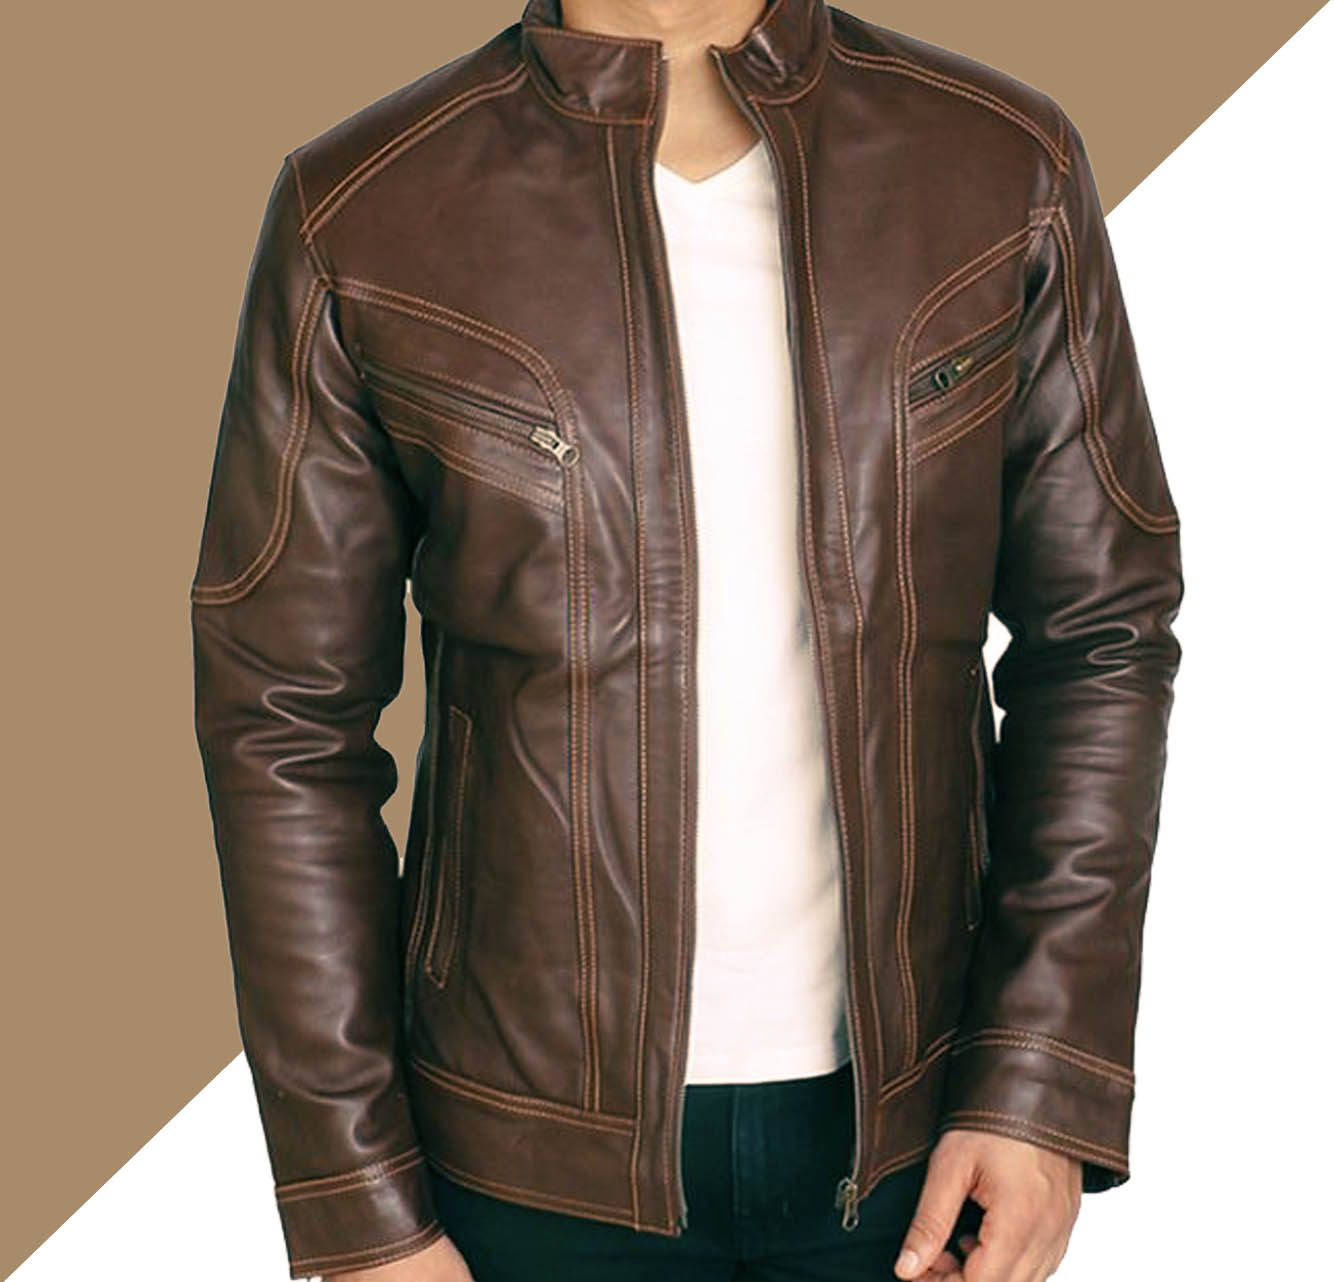 6 Style Jaket Kulit Pria dan Wanita Yang Sedang Trend